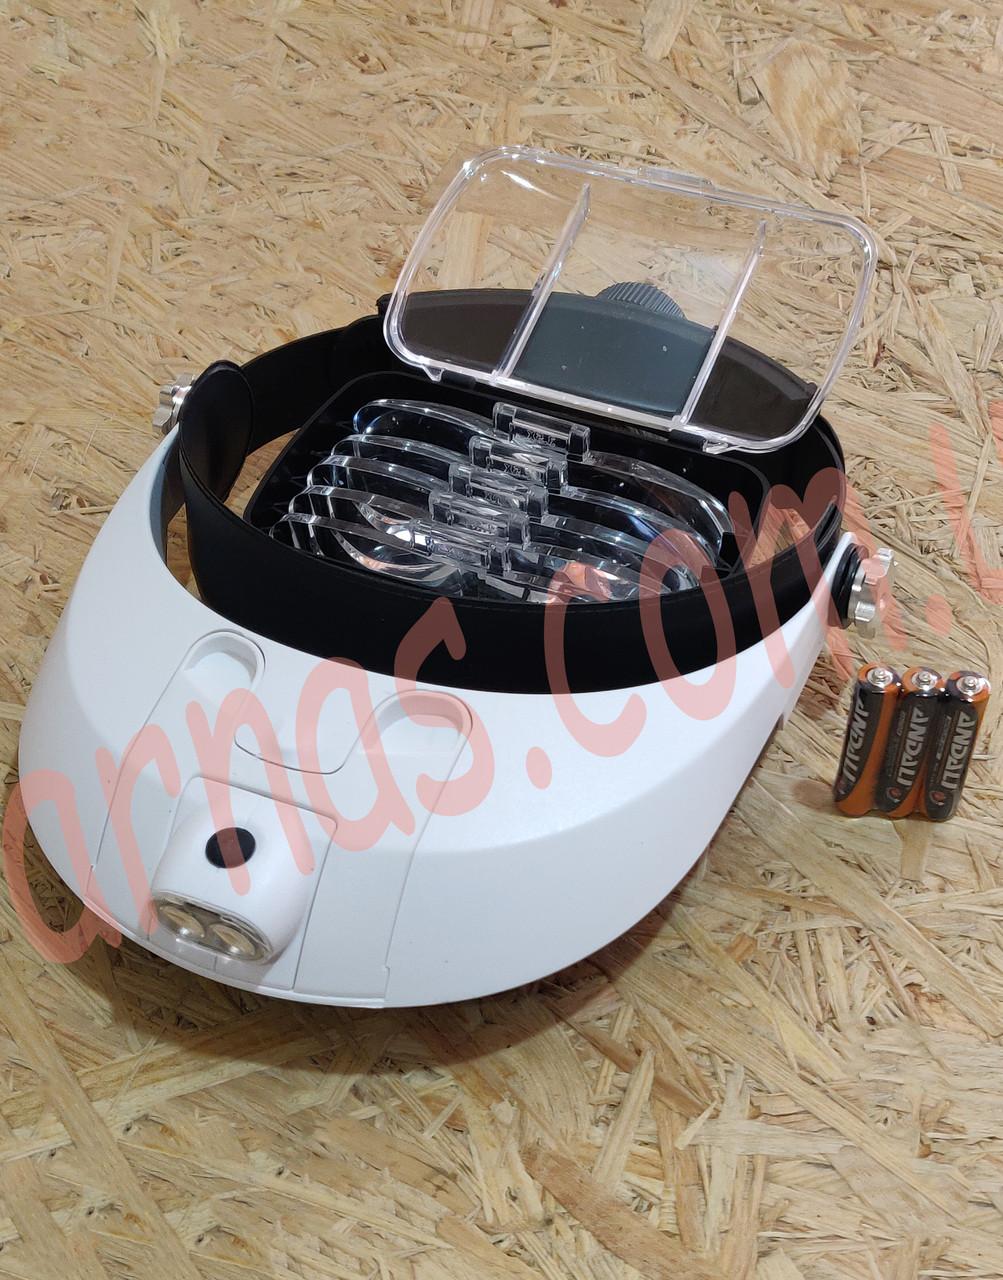 Бинокуляр очки бинокулярные со светодиодной подсветкой MG81001-G